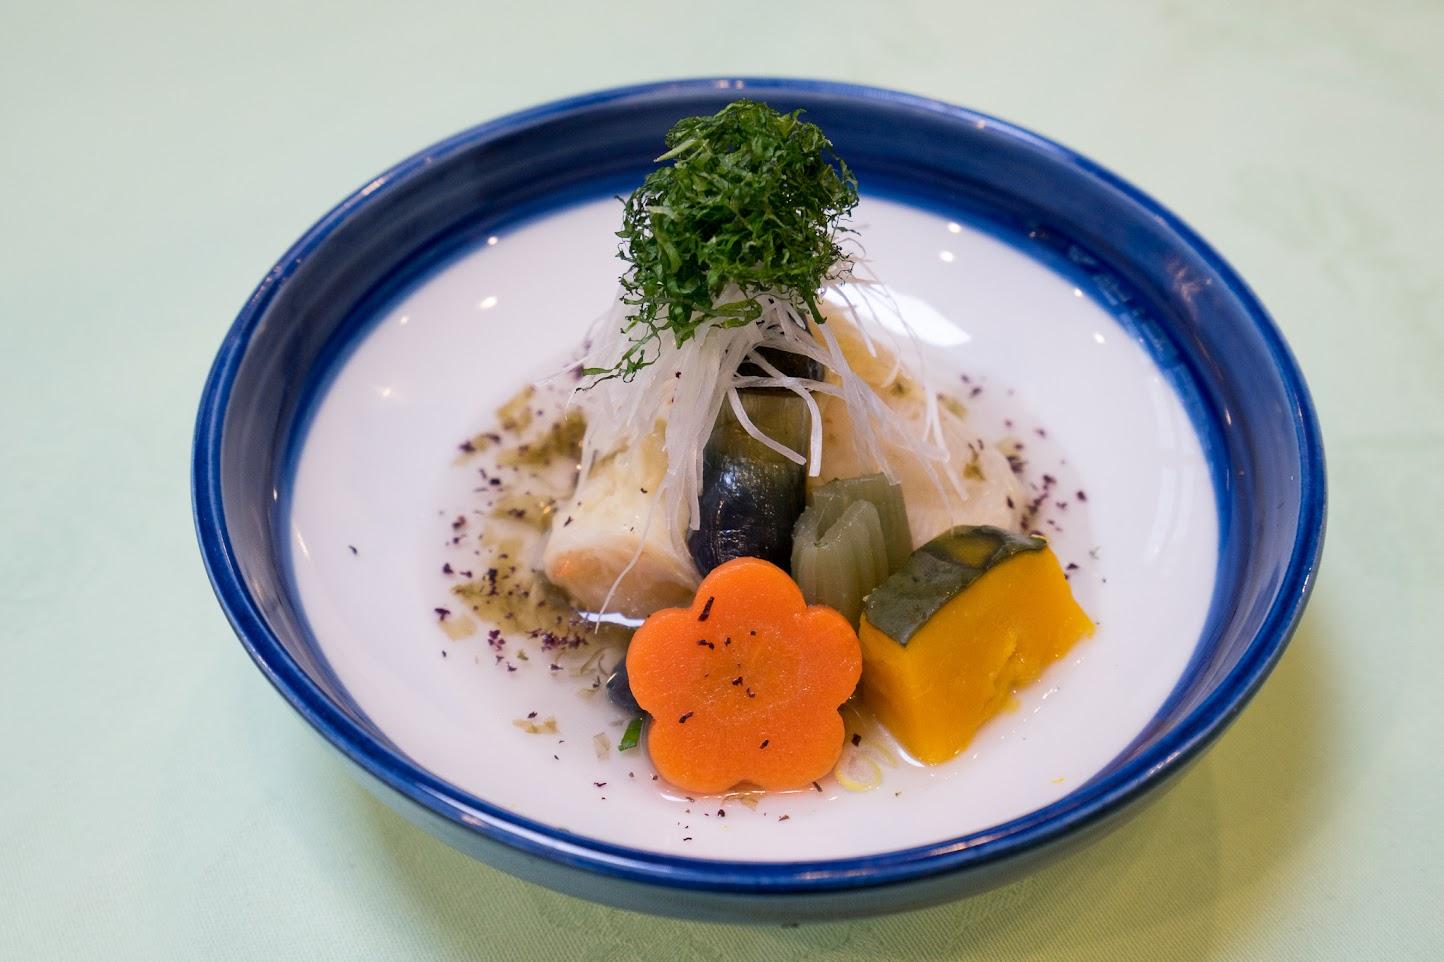 4.蓋物:海老湯葉真丈、生海苔餡仕立て